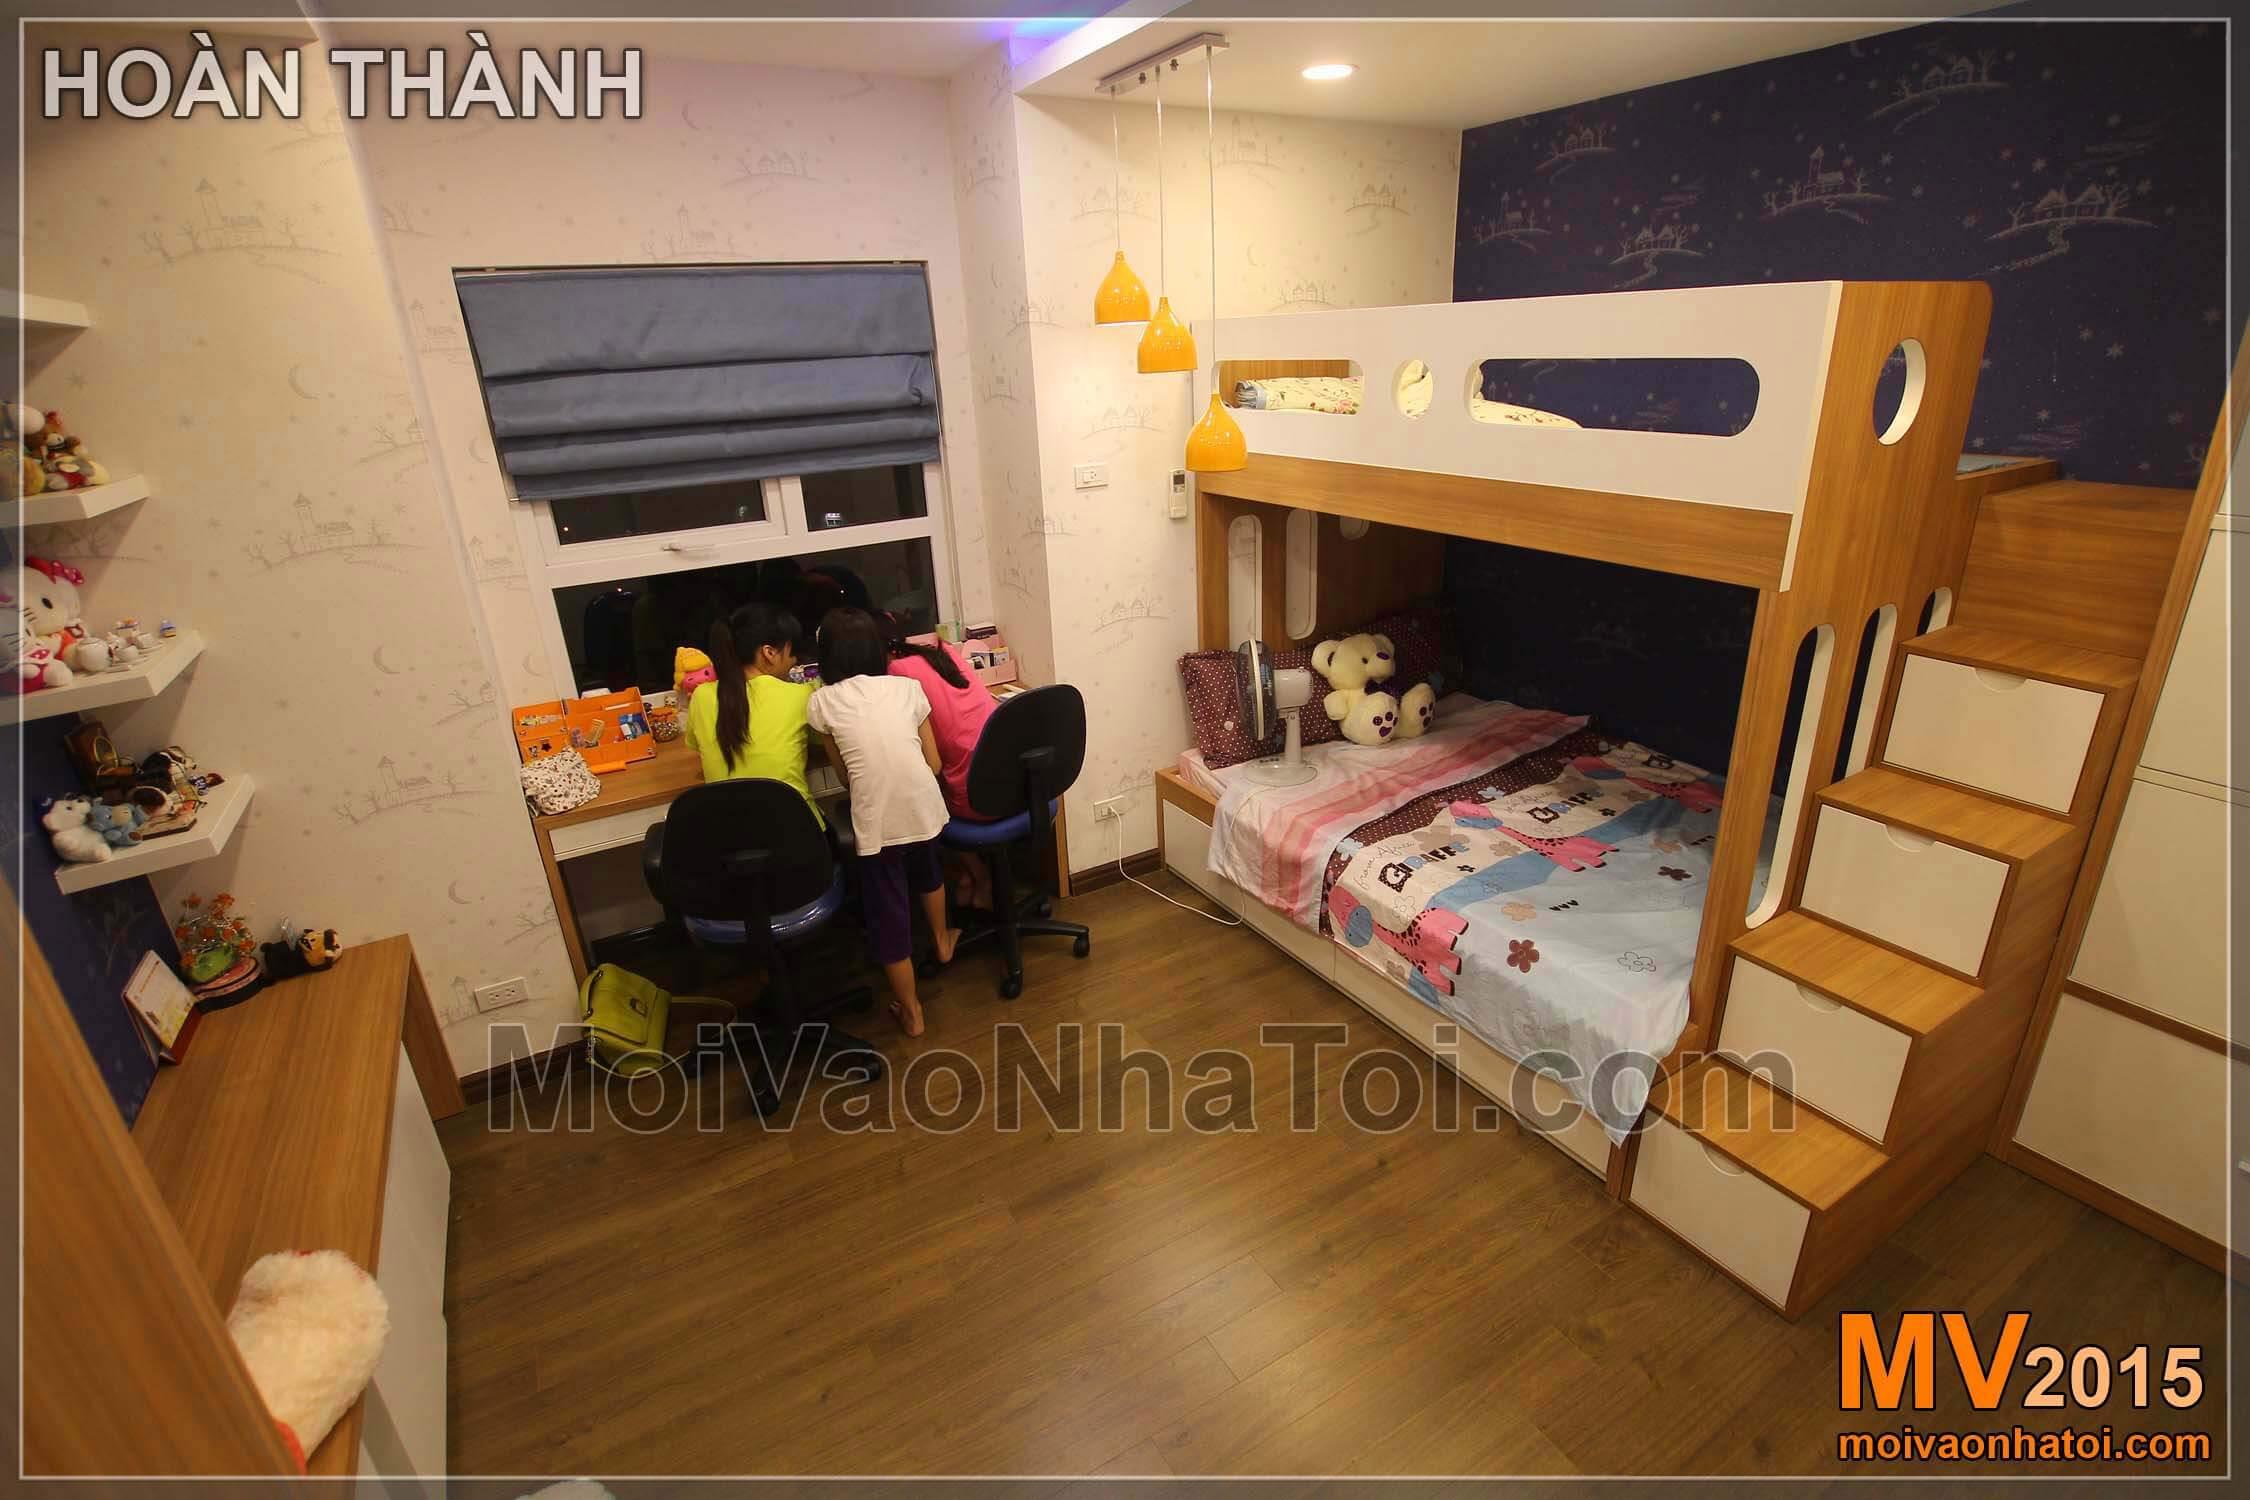 Tổng thể không gian nội thất phòng ngủ cho con